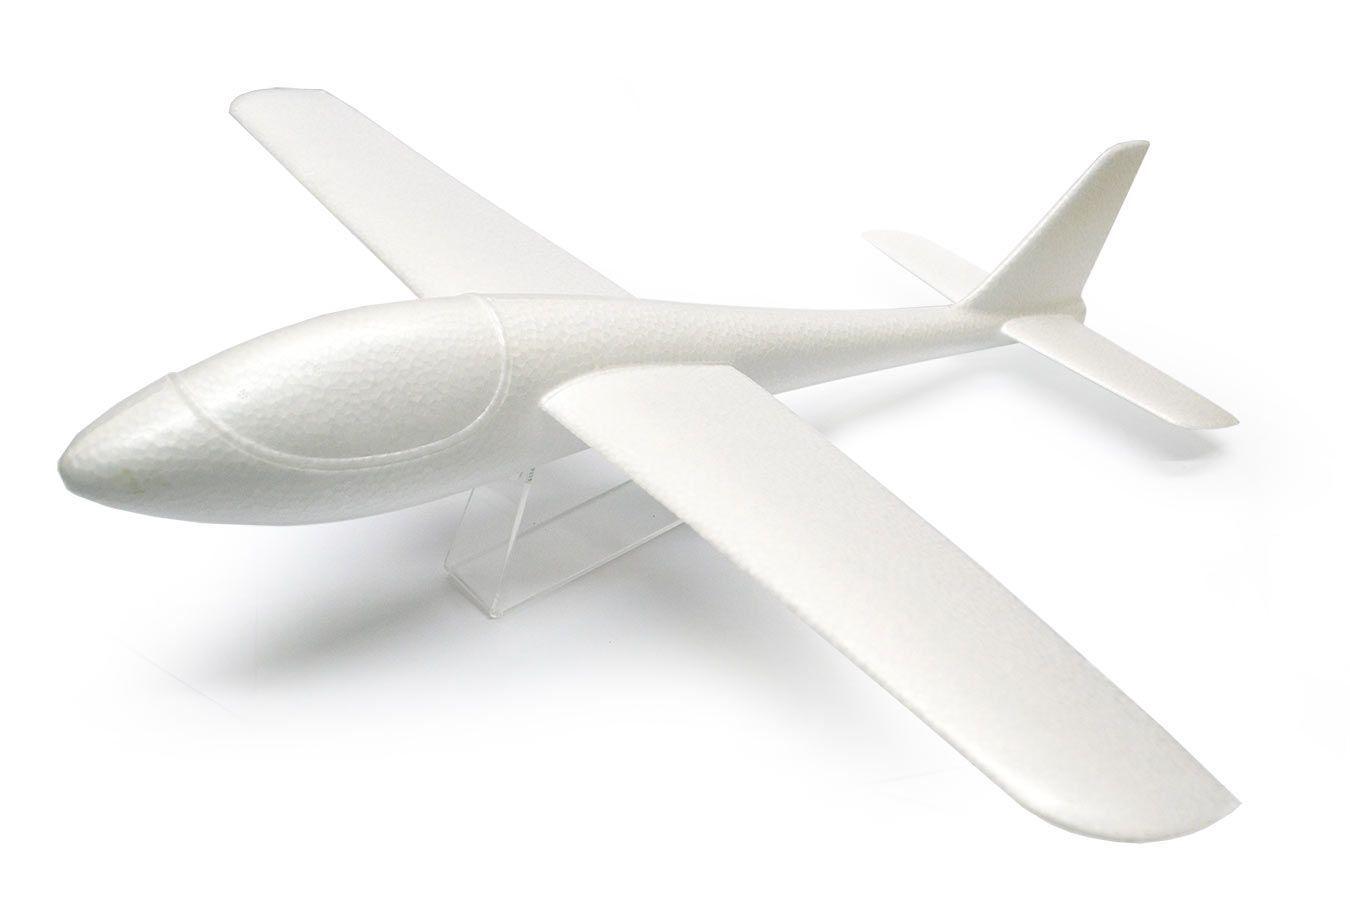 Летающий планер Glider 55 см из пенопласта с красками [FLPP55]